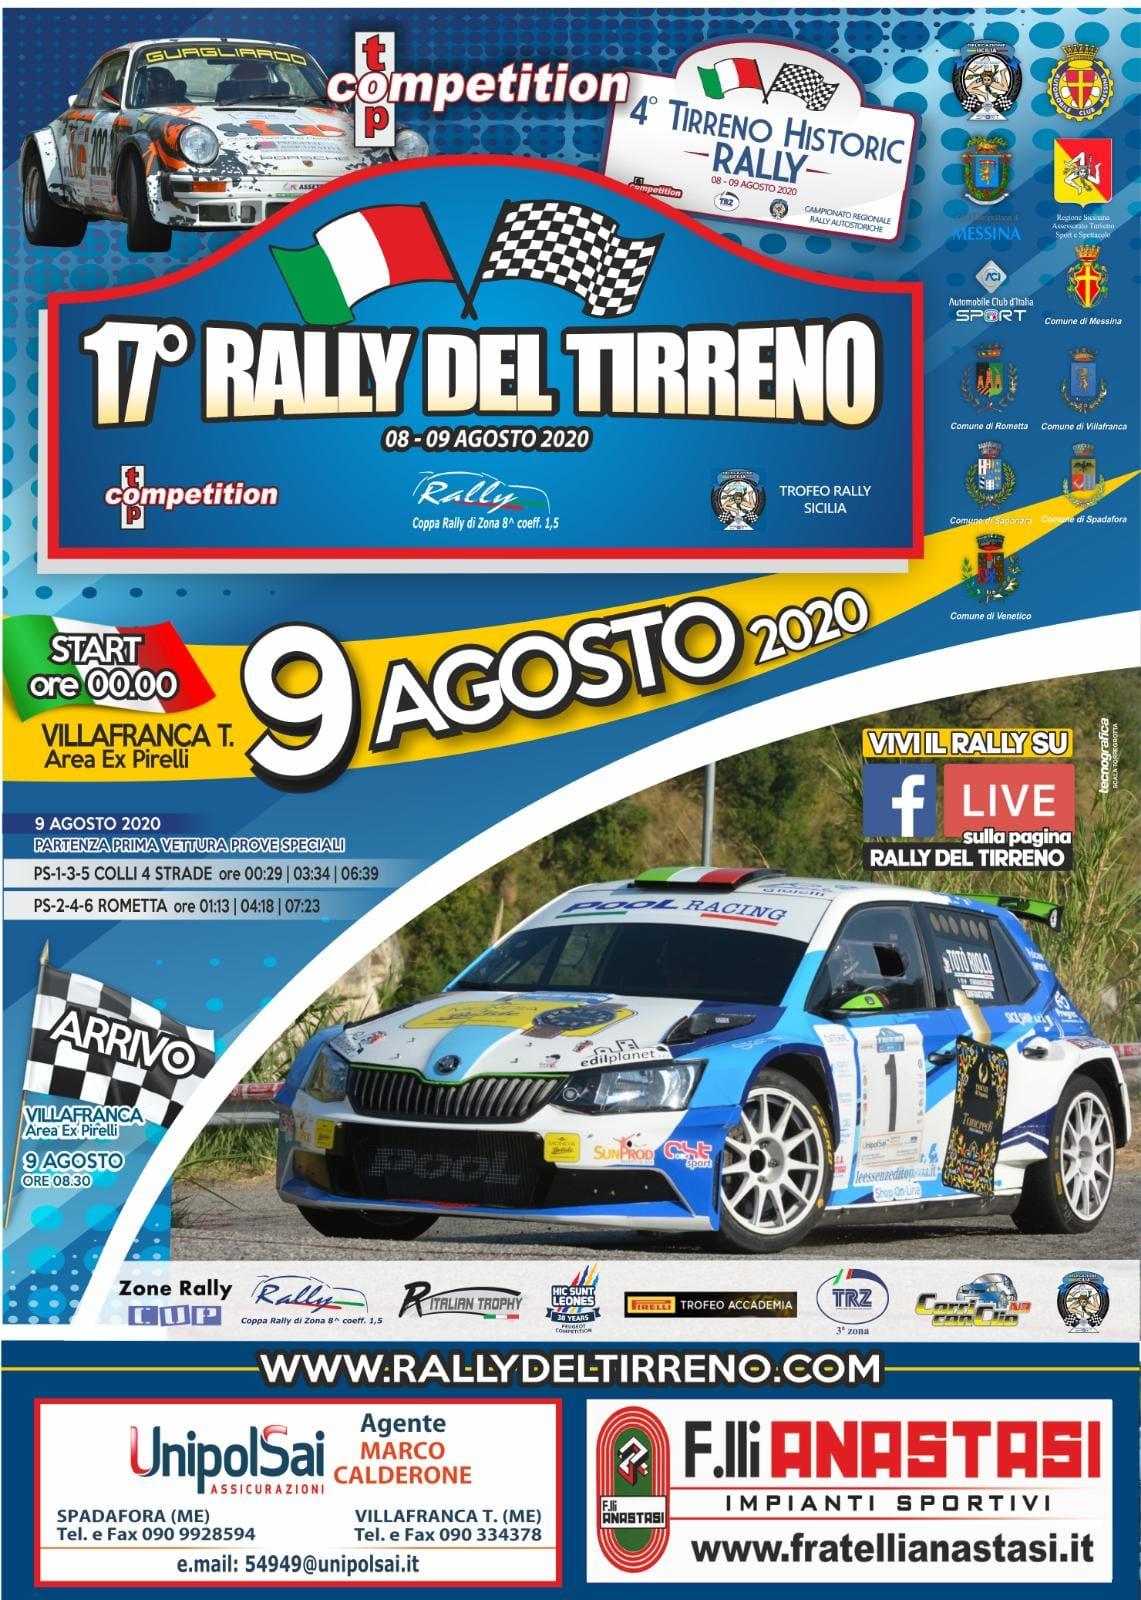 Il Rally del Tirreno dell'8 e 9 agosto è passione da vivere.La gara raggiungerà ovunque i tanti appassionati dove l'amore per l'automobilismo costringe a stare lontani dai campi di gara ma uniti nel vivere le emozioni in diretta